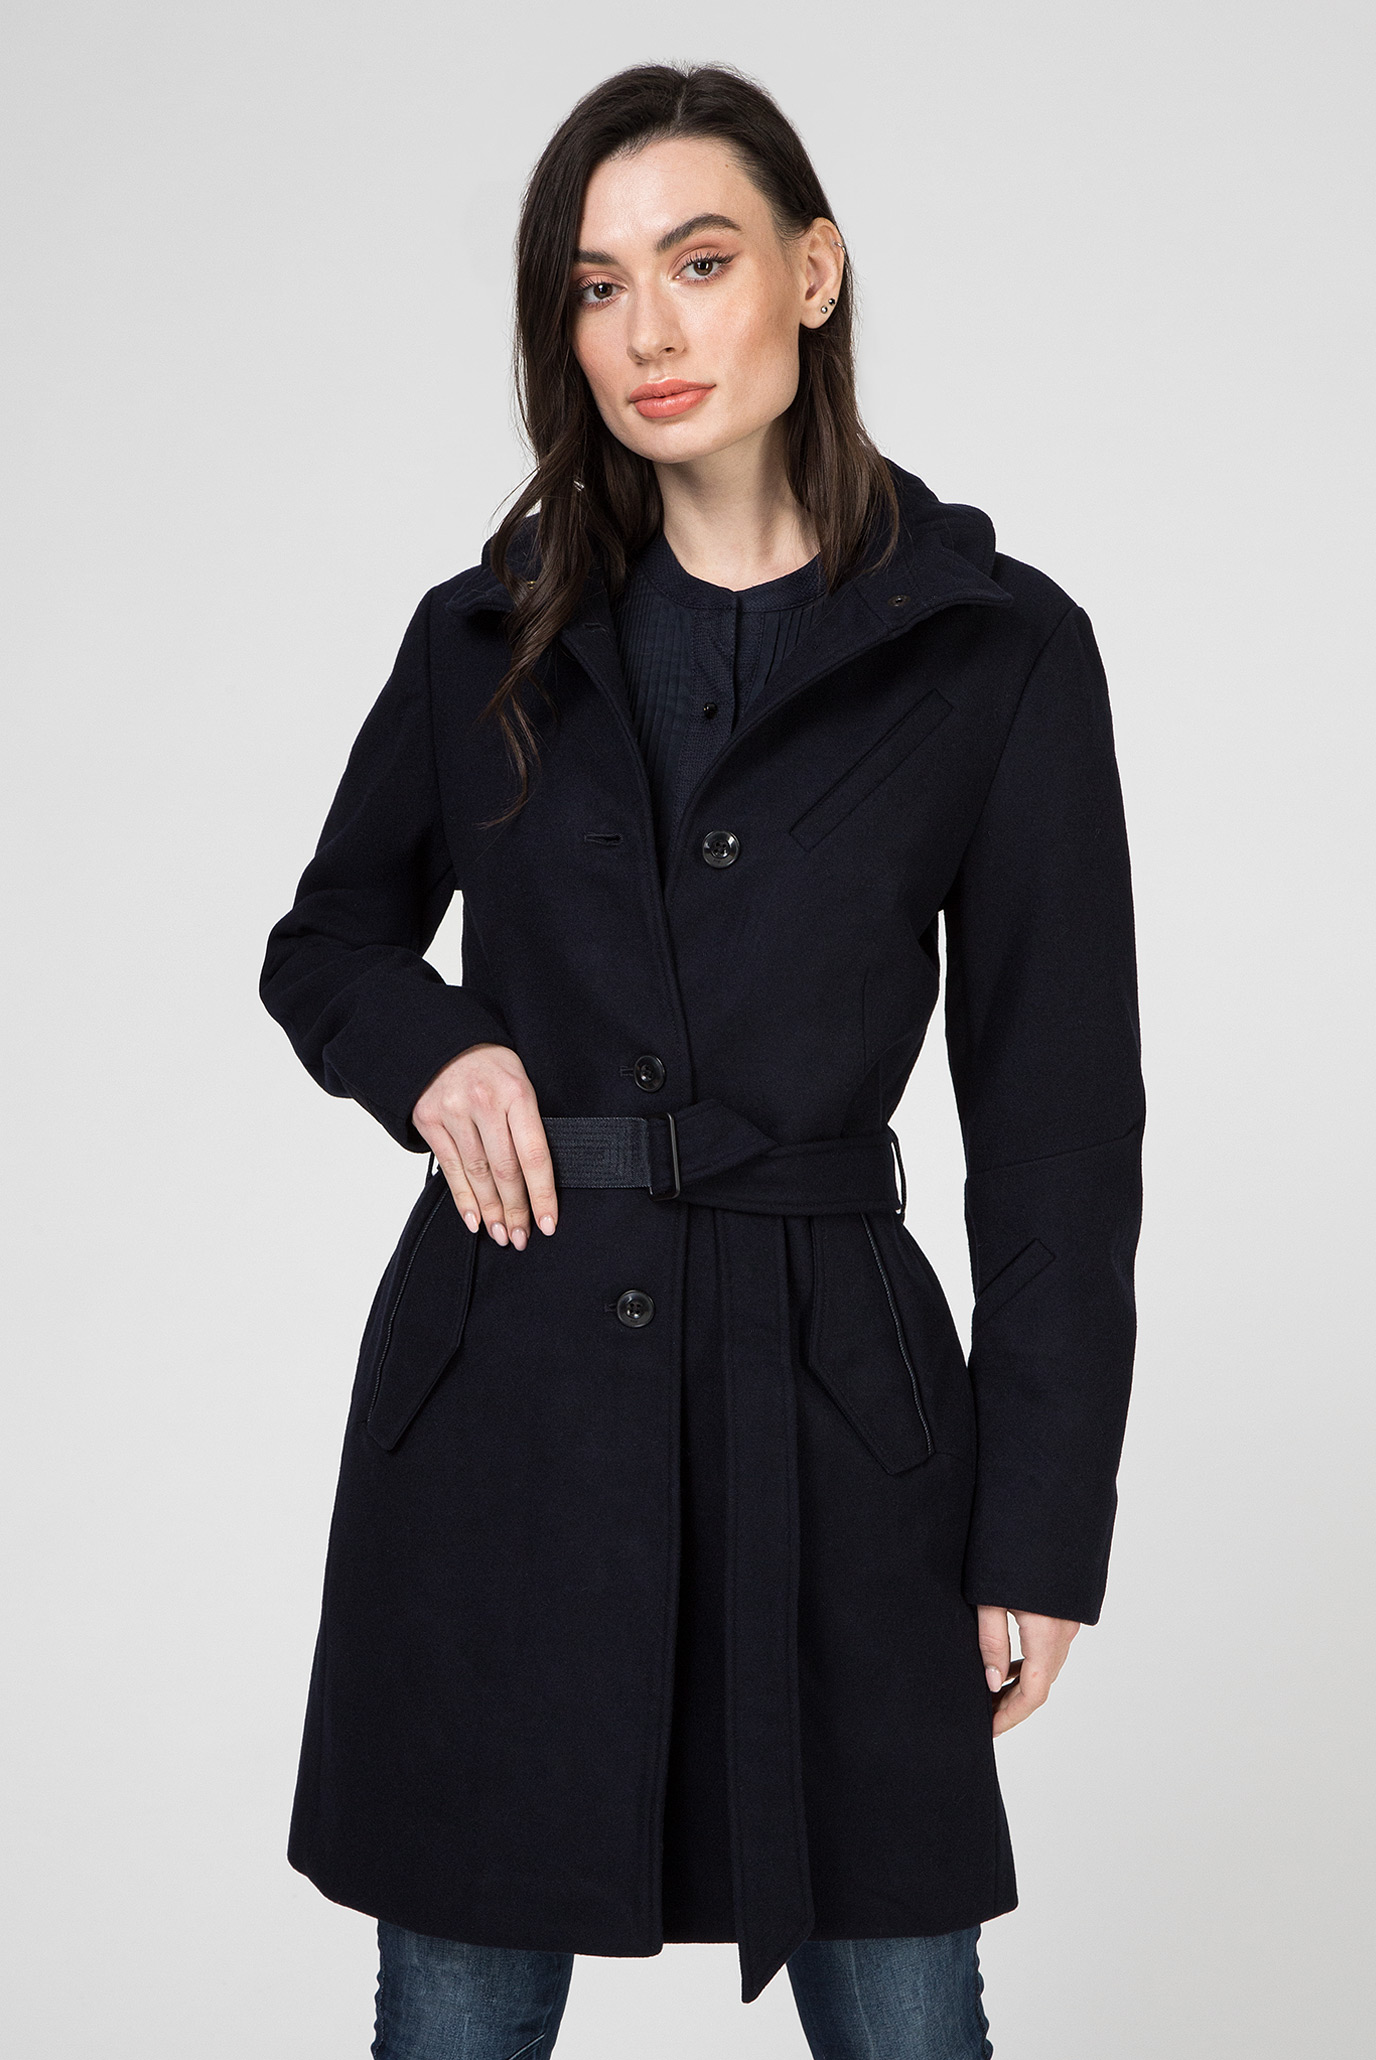 Женское темно-синее шерстяное пальто Empral G-Star RAW D15156,7275 — MD-Fashion